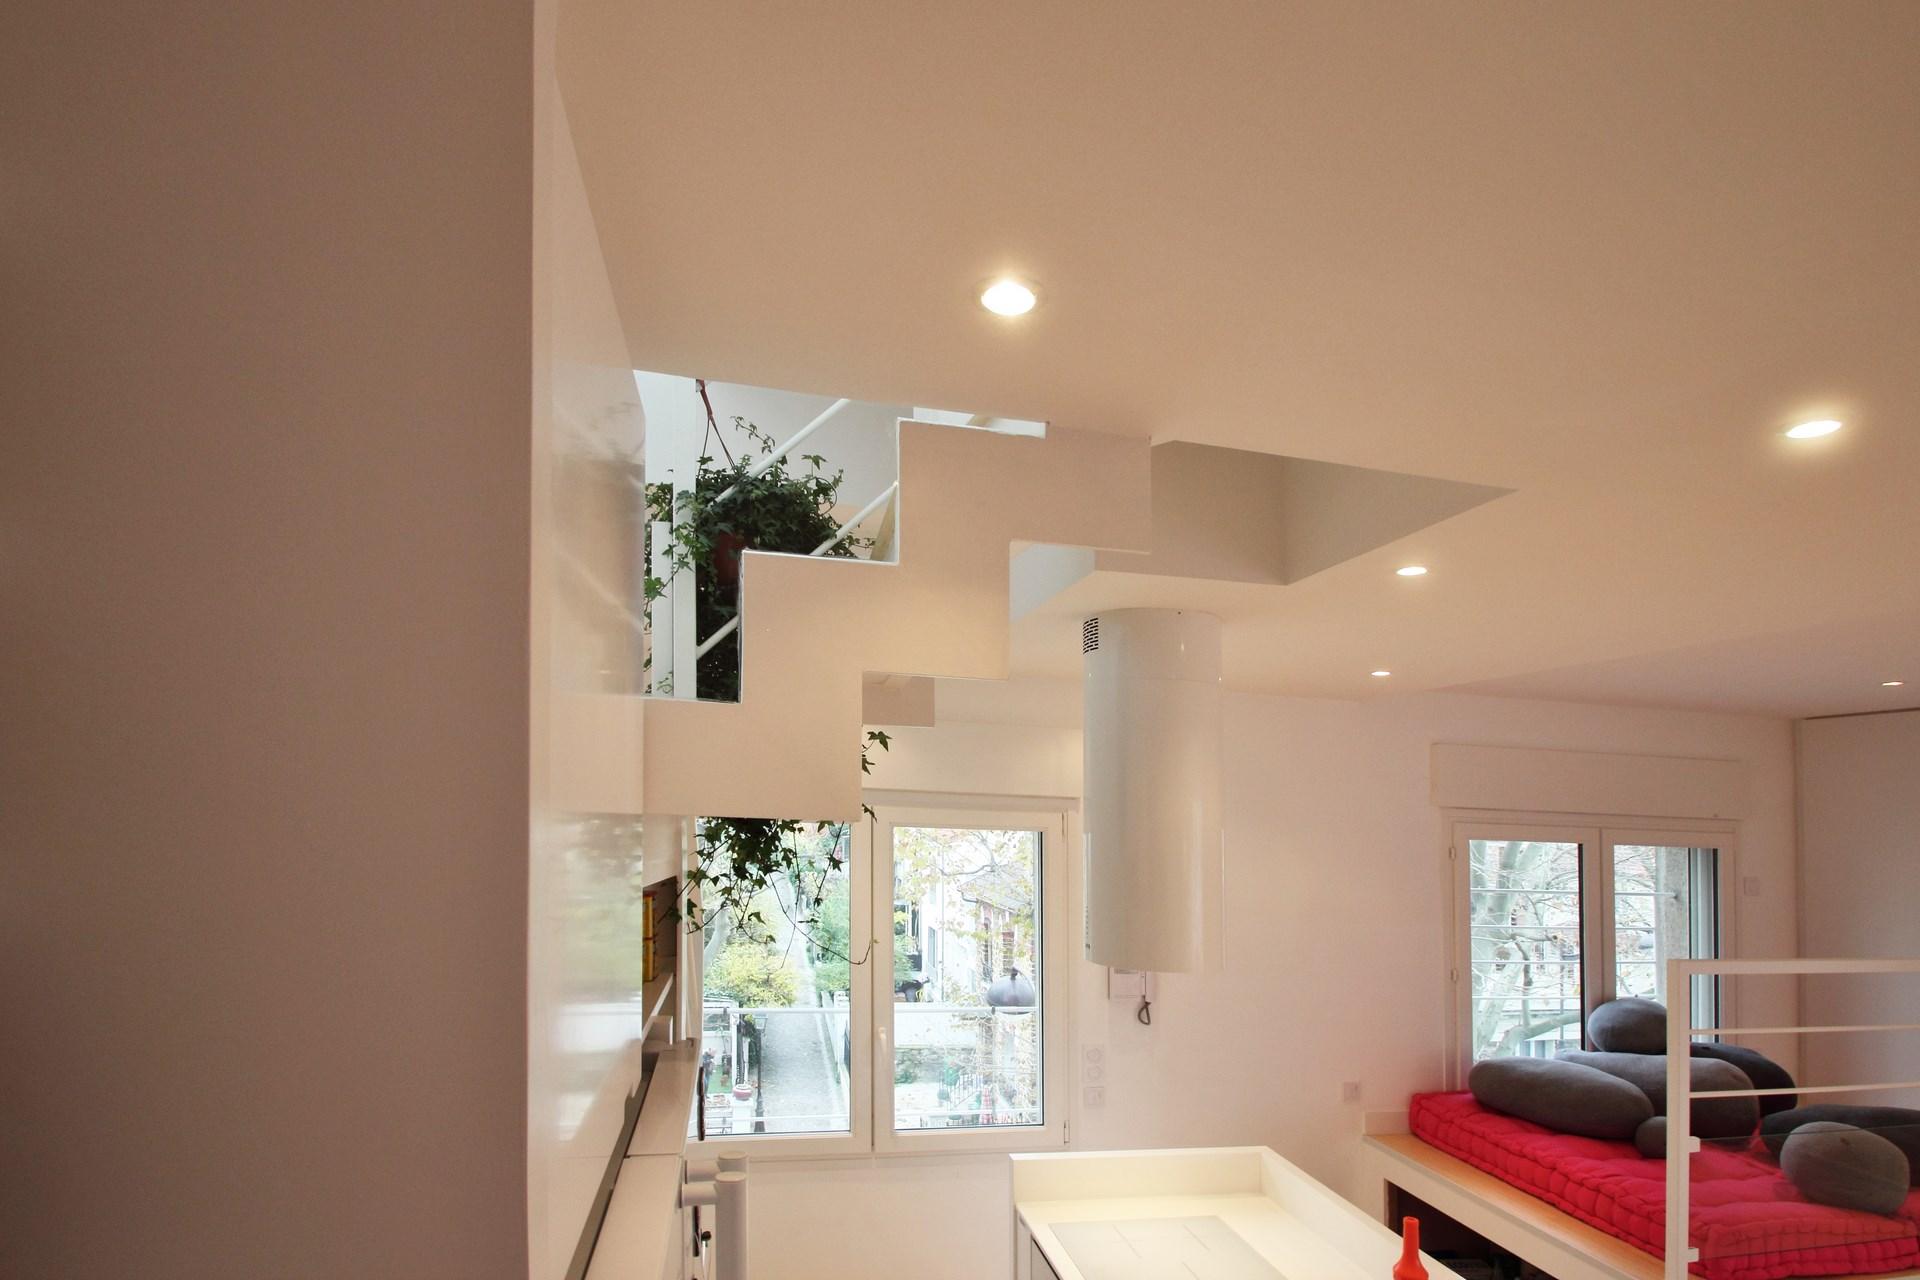 appartement avec terrasse escalier metal decoupe agence avous